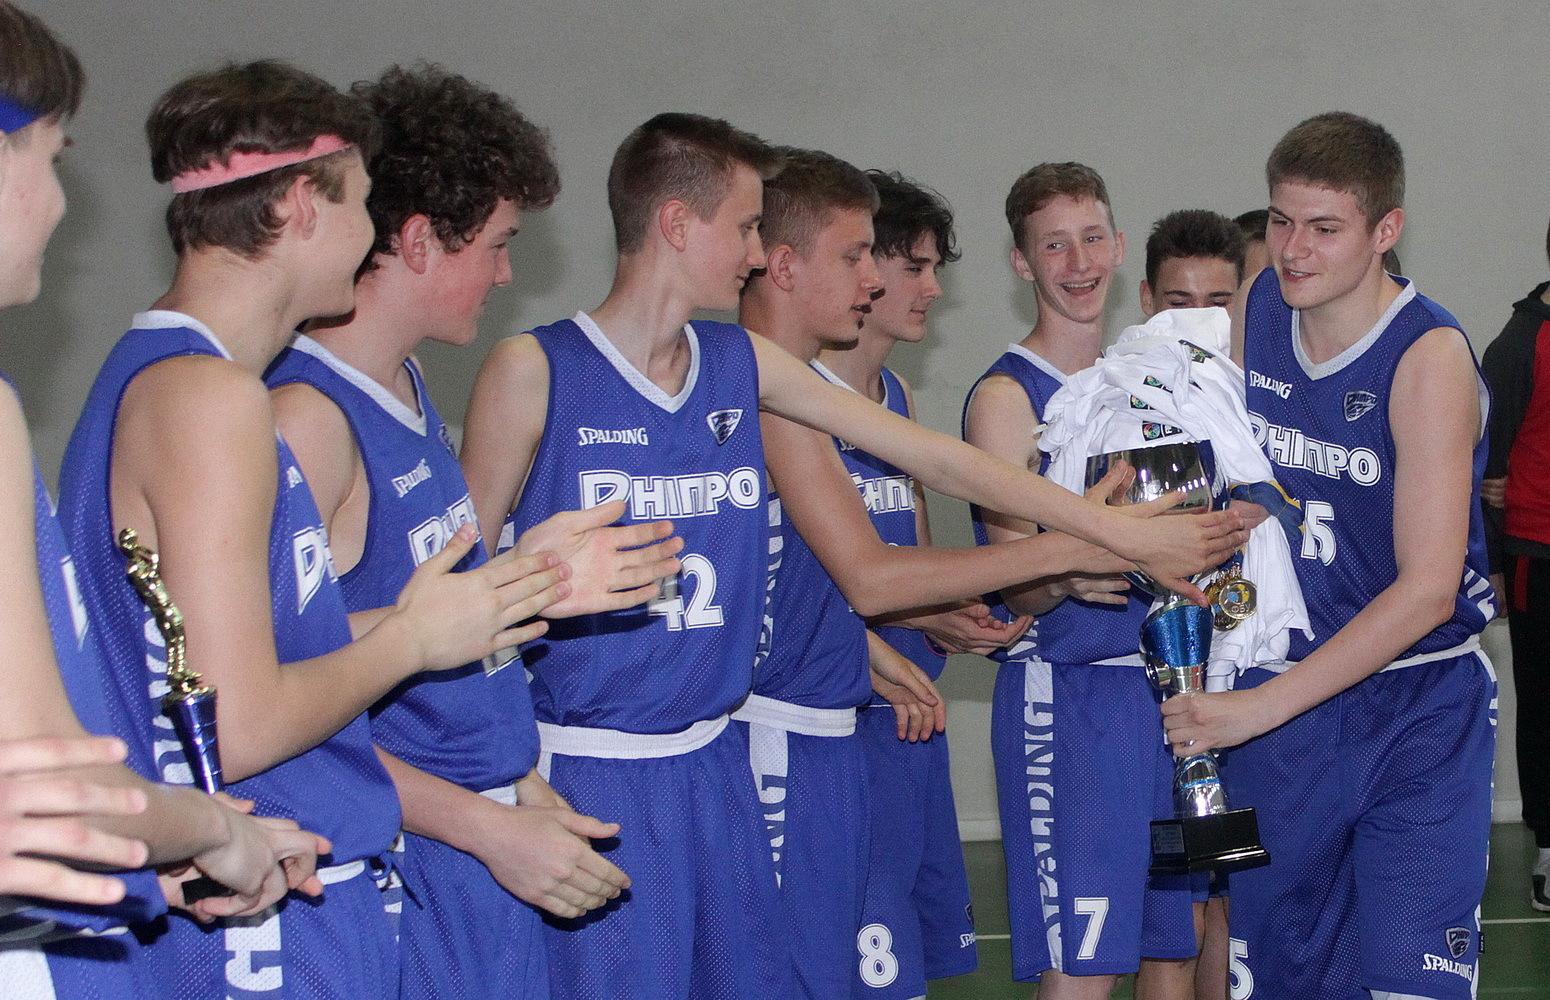 ВЮБЛ: СДЮСШОР-5 з Дніпра – чемпіон України серед юнаків 2006 року народження